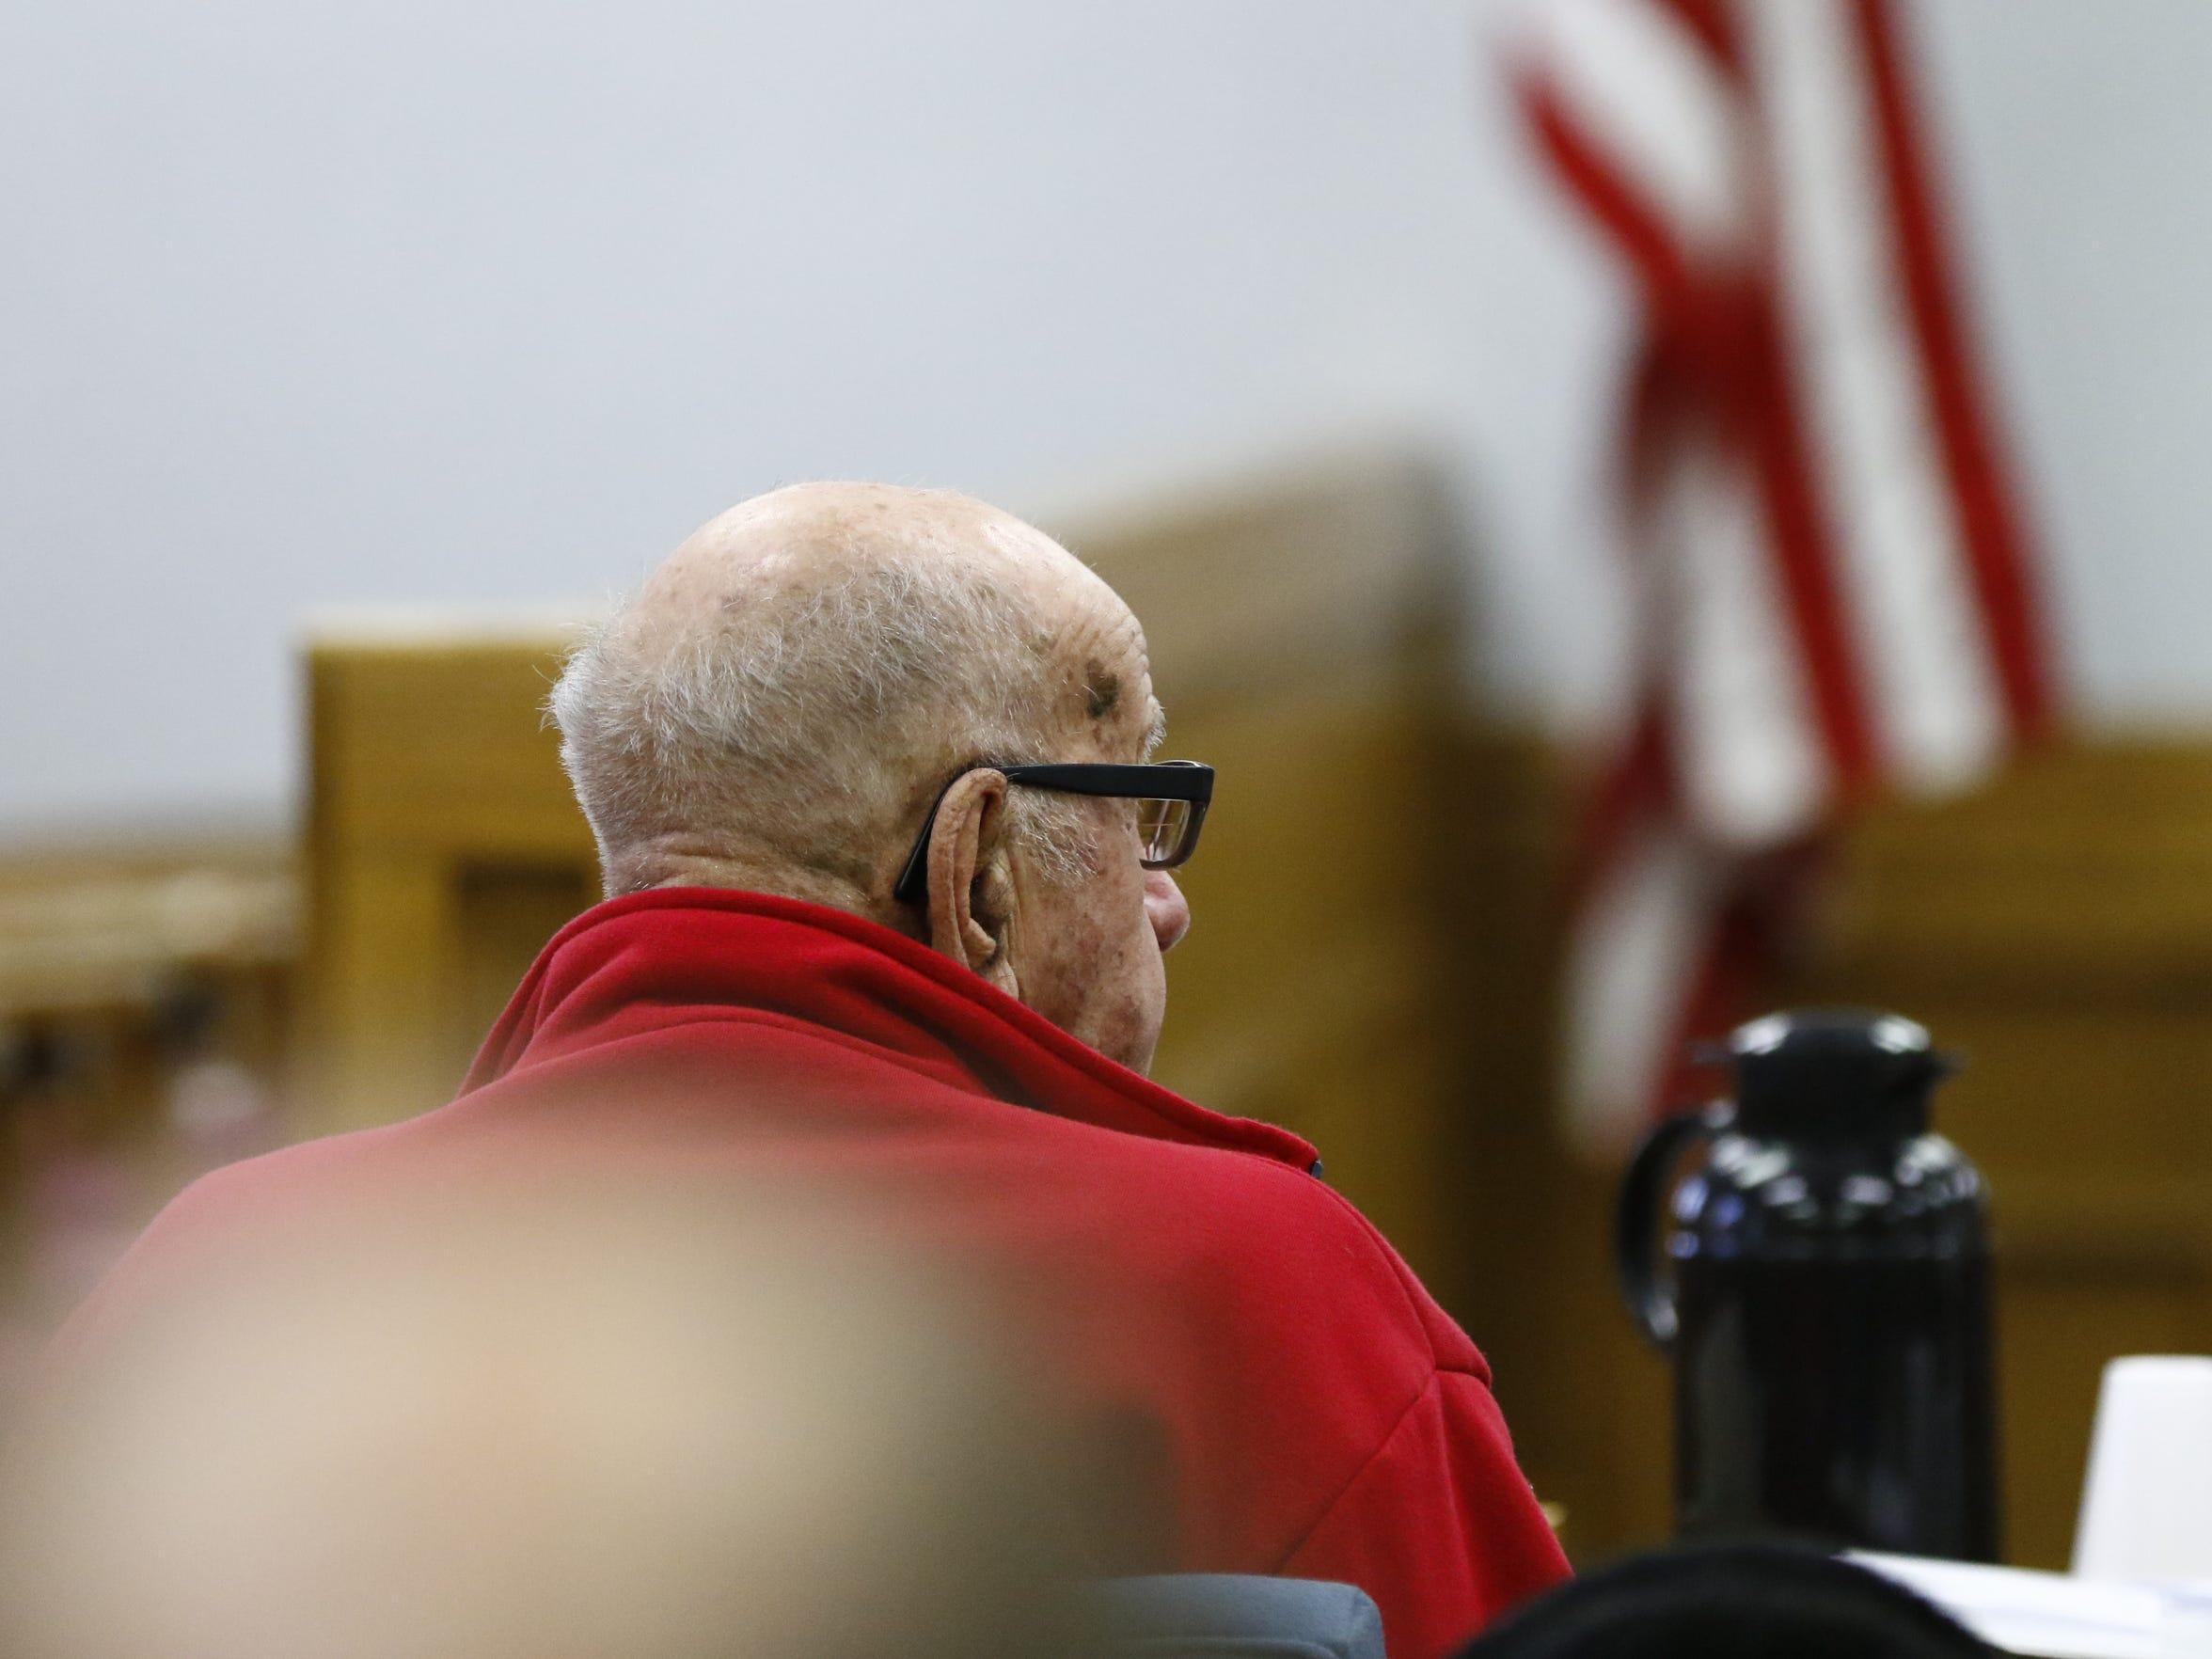 Edward Heckendorf, 92, sits through a trial on Feb.